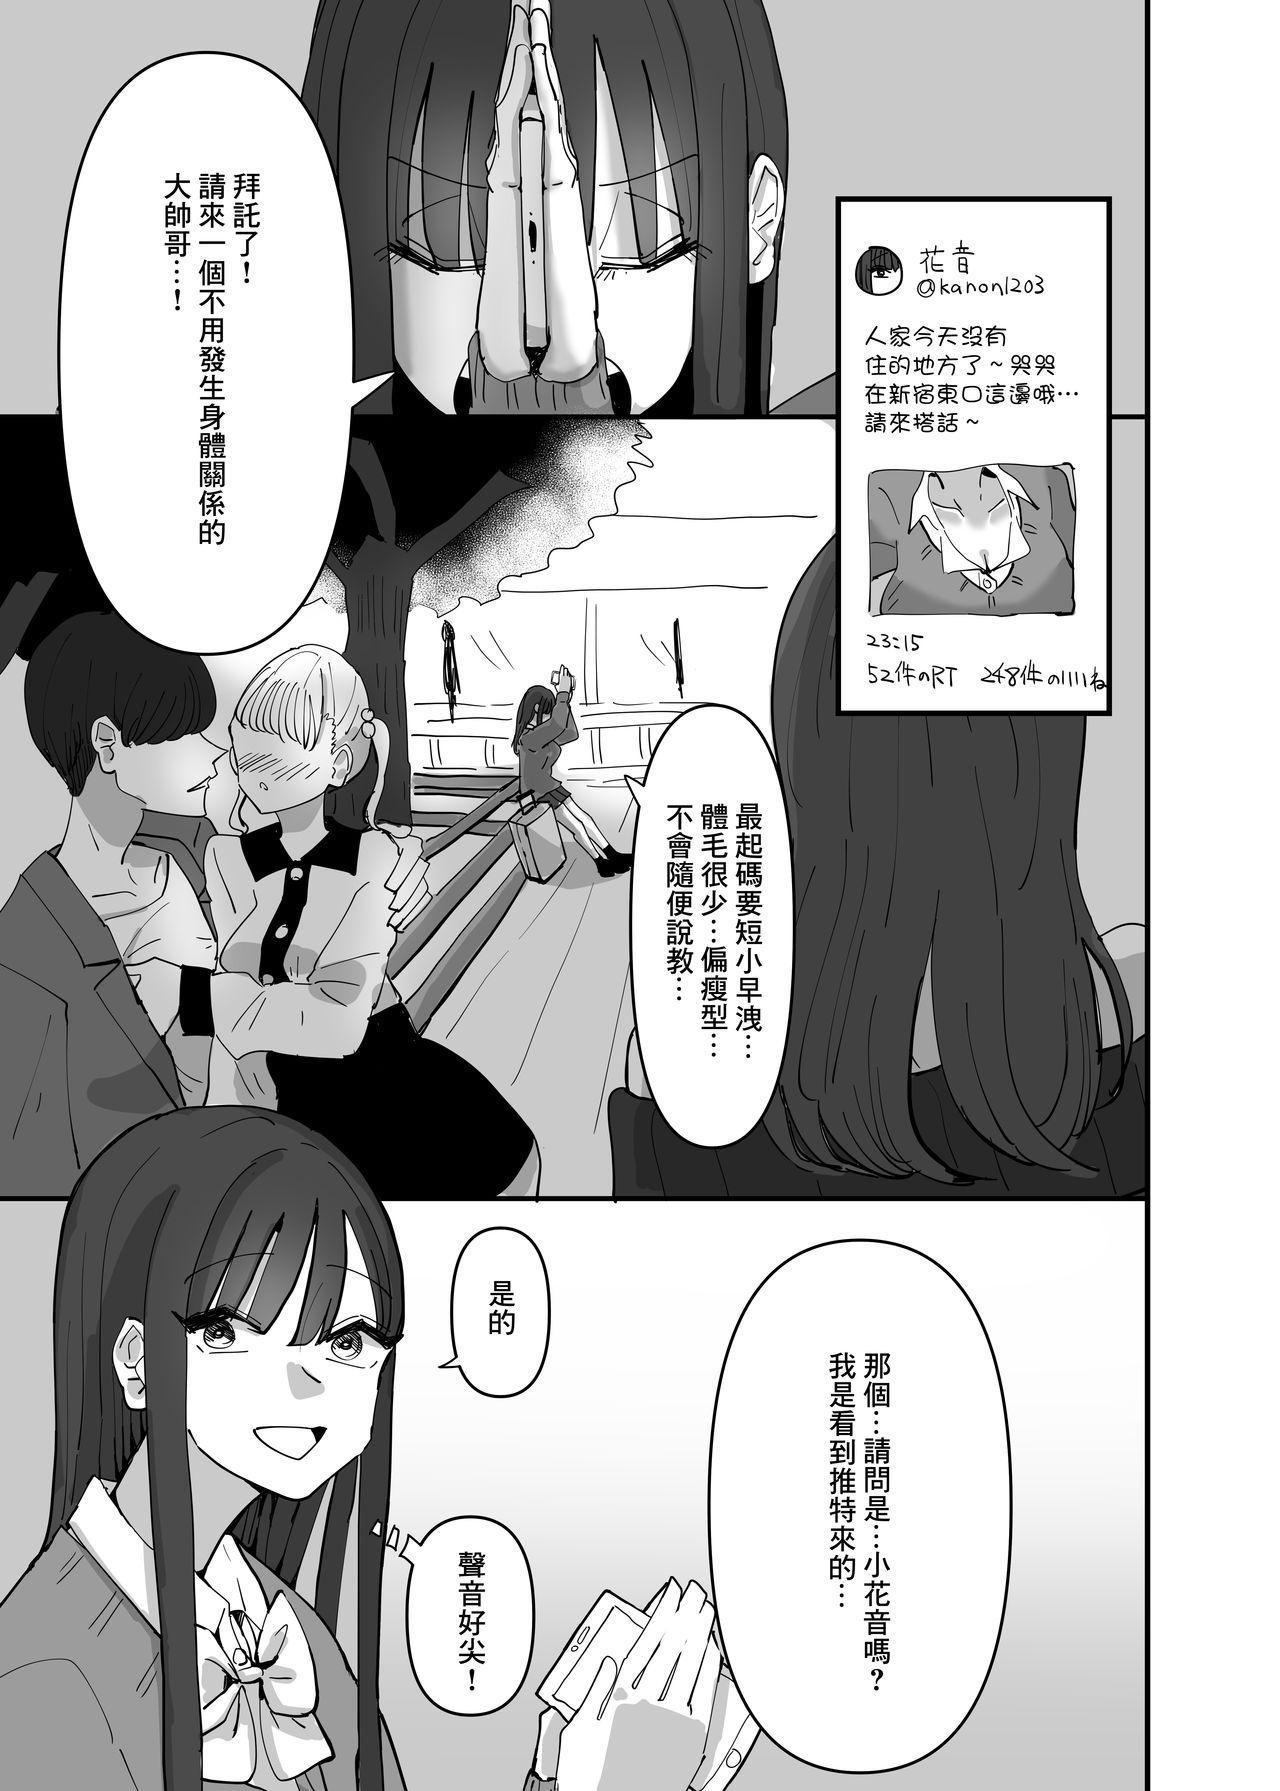 SNS de Tomarasete Kureru Hito o Boshuu Shitara Echiechi Onee-san ga Yattekita Hanashi 1